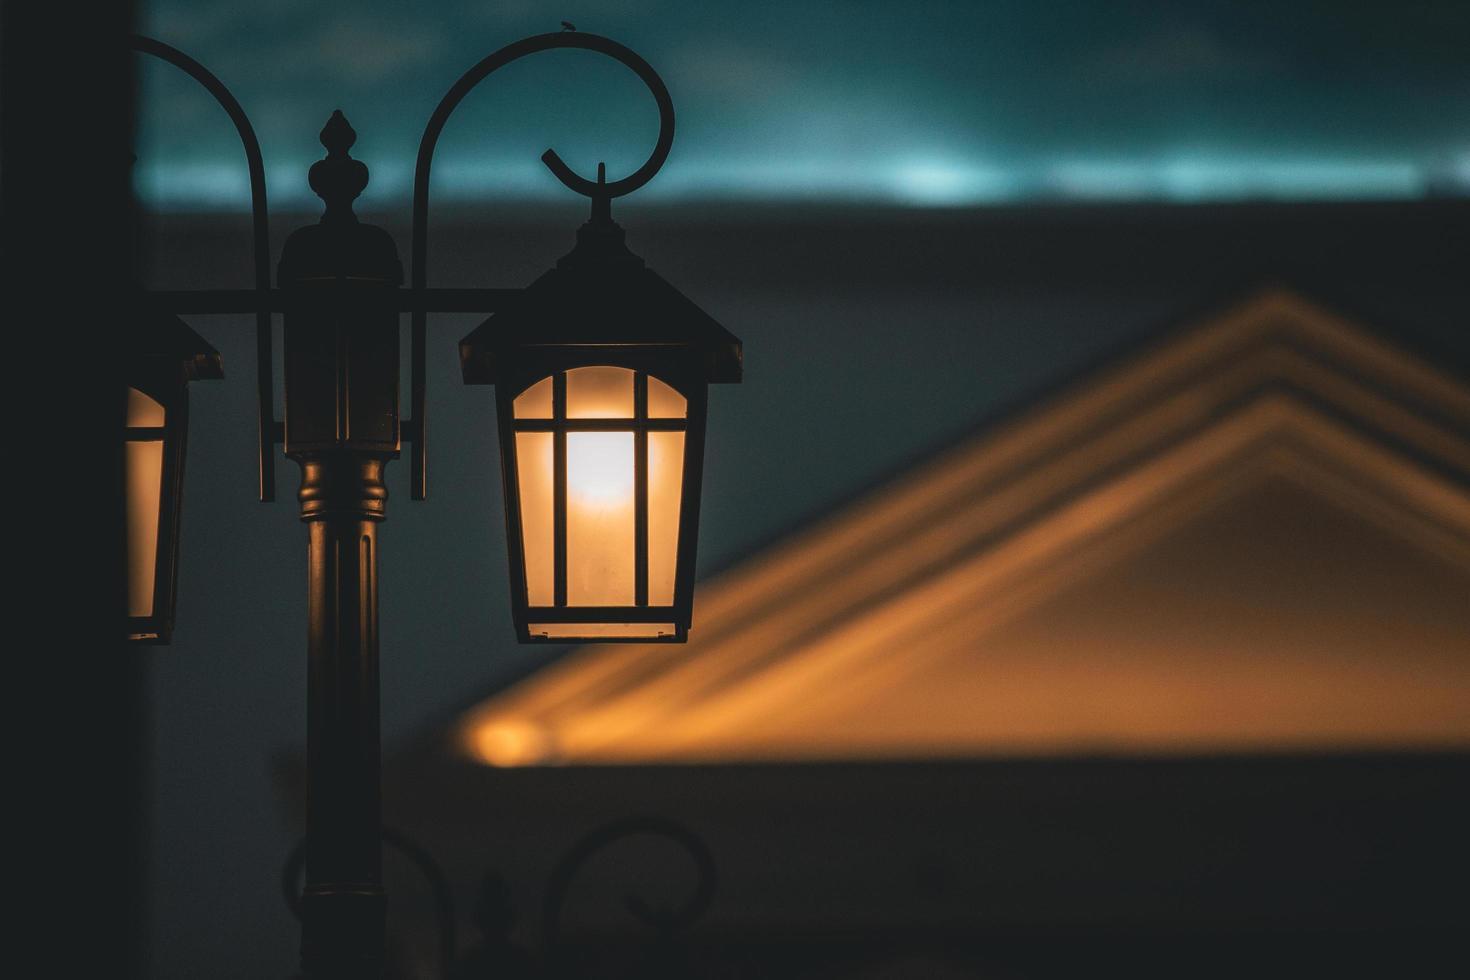 lampione illuminato foto